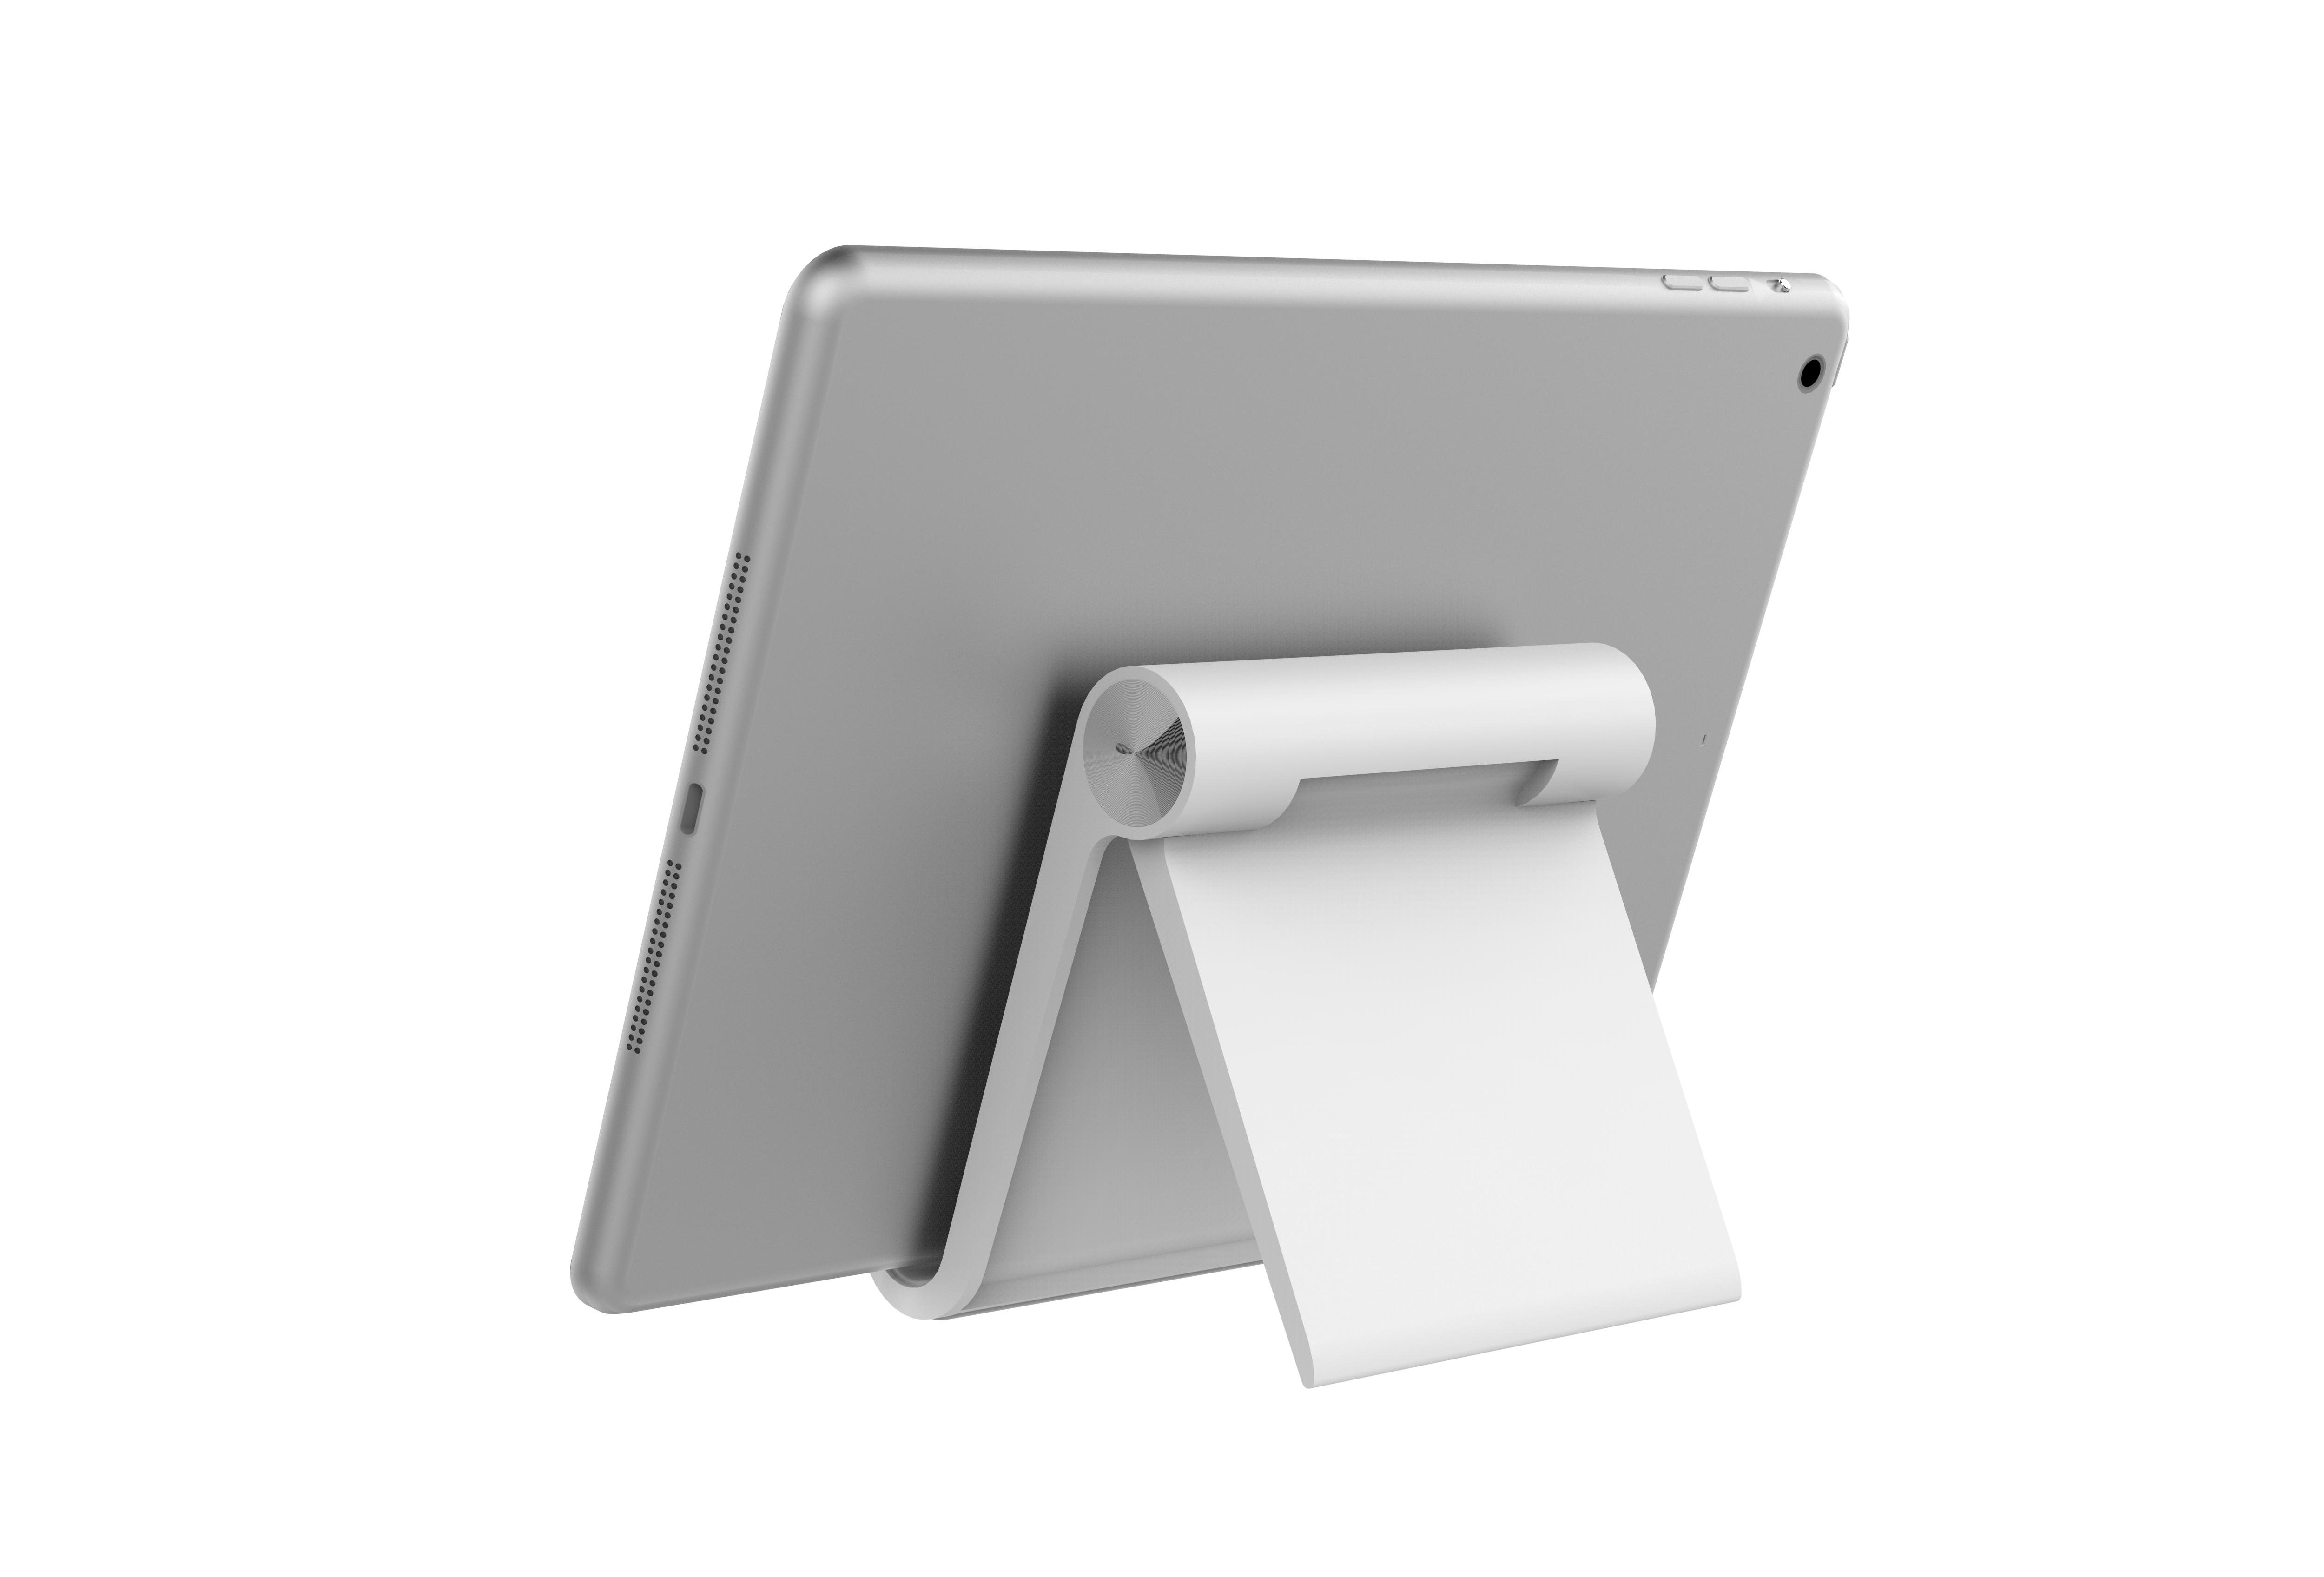 Giá đỡ Máy tính bảng năng động UGREEN LP115 30485 - Hàng chính hãng